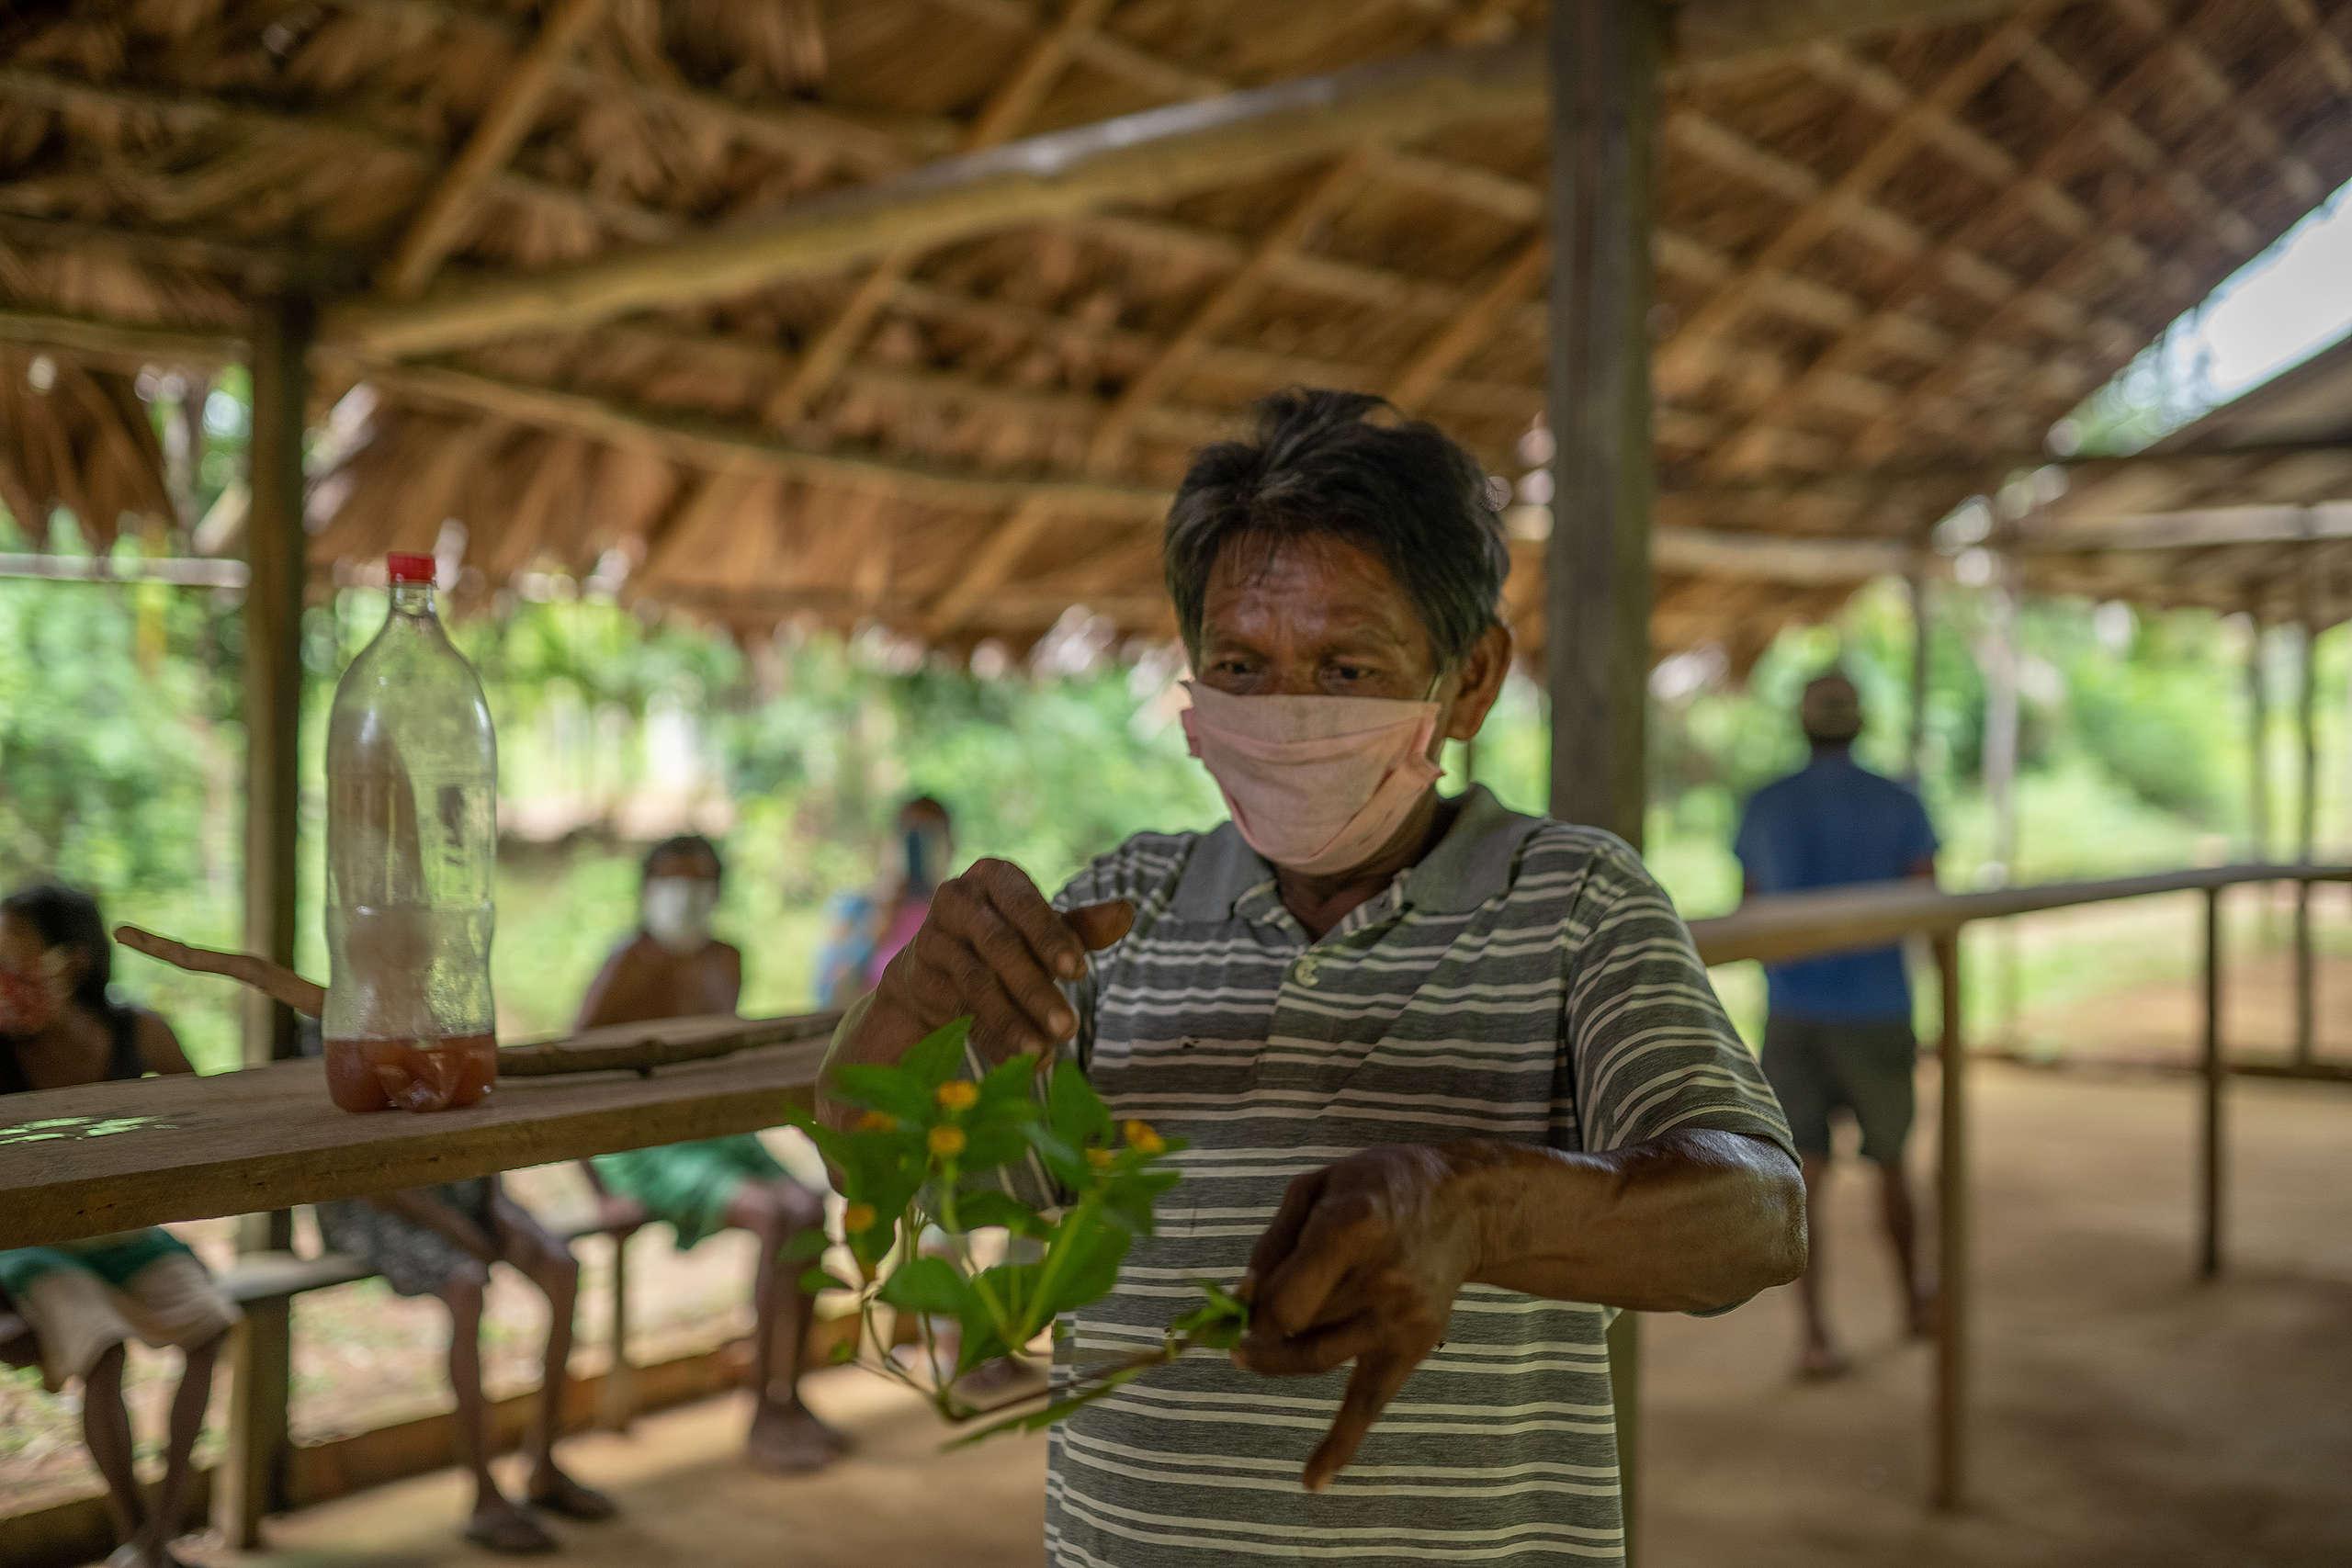 Jair mostra plantas e o chá utilizado por eles para se recuperar da Covid-19 © Christian Braga / Greenpeace